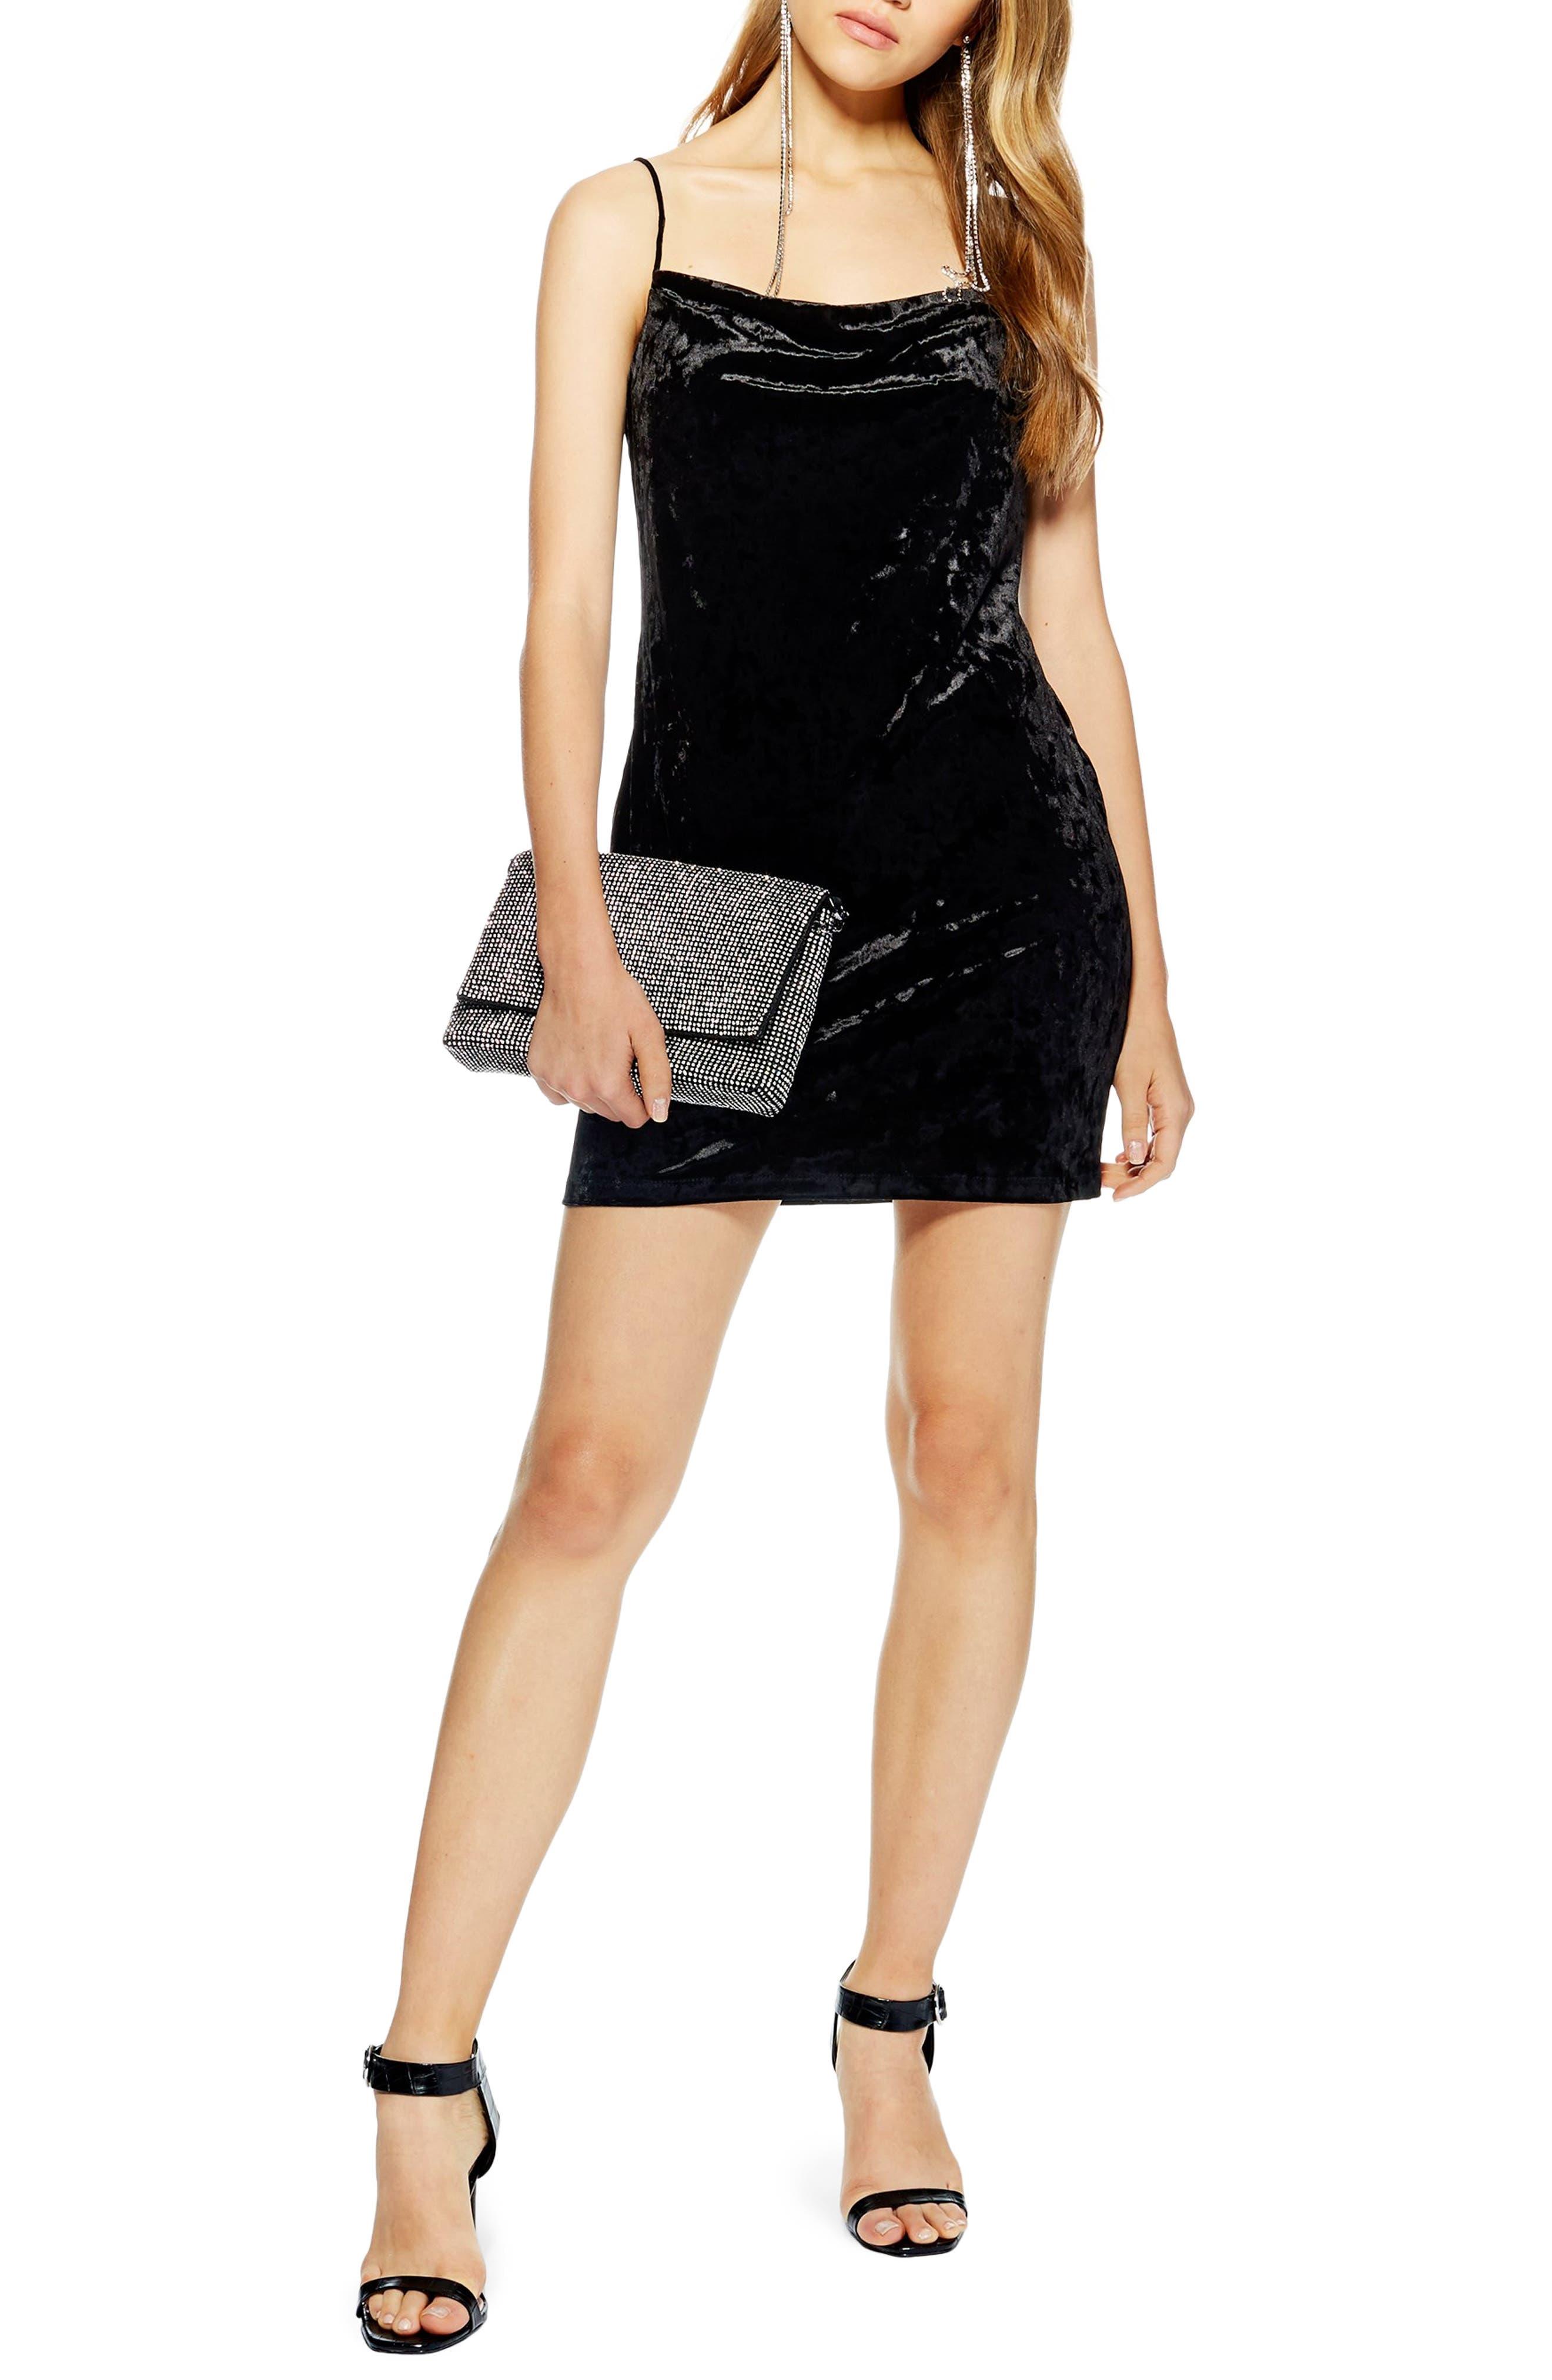 Topshop Cowl Velvet Minidress, US (fits like 6-8) - Green